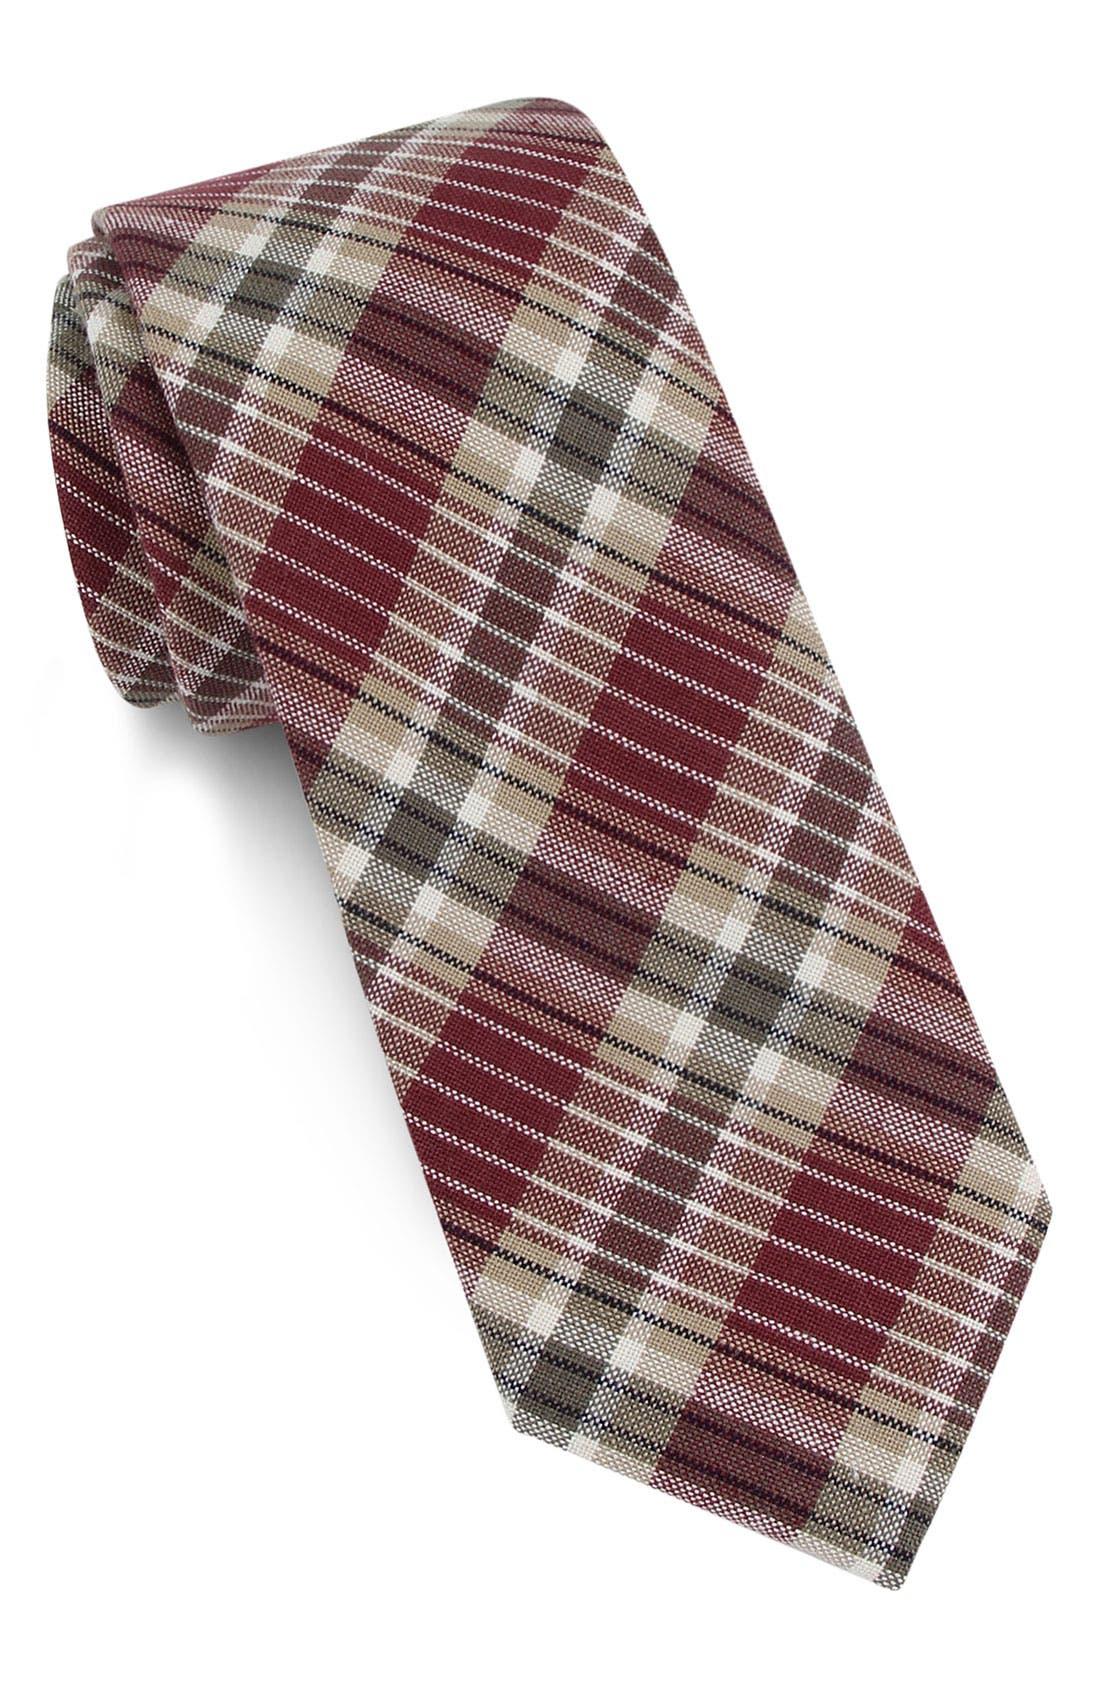 Main Image - 1901 Plaid Skinny Tie